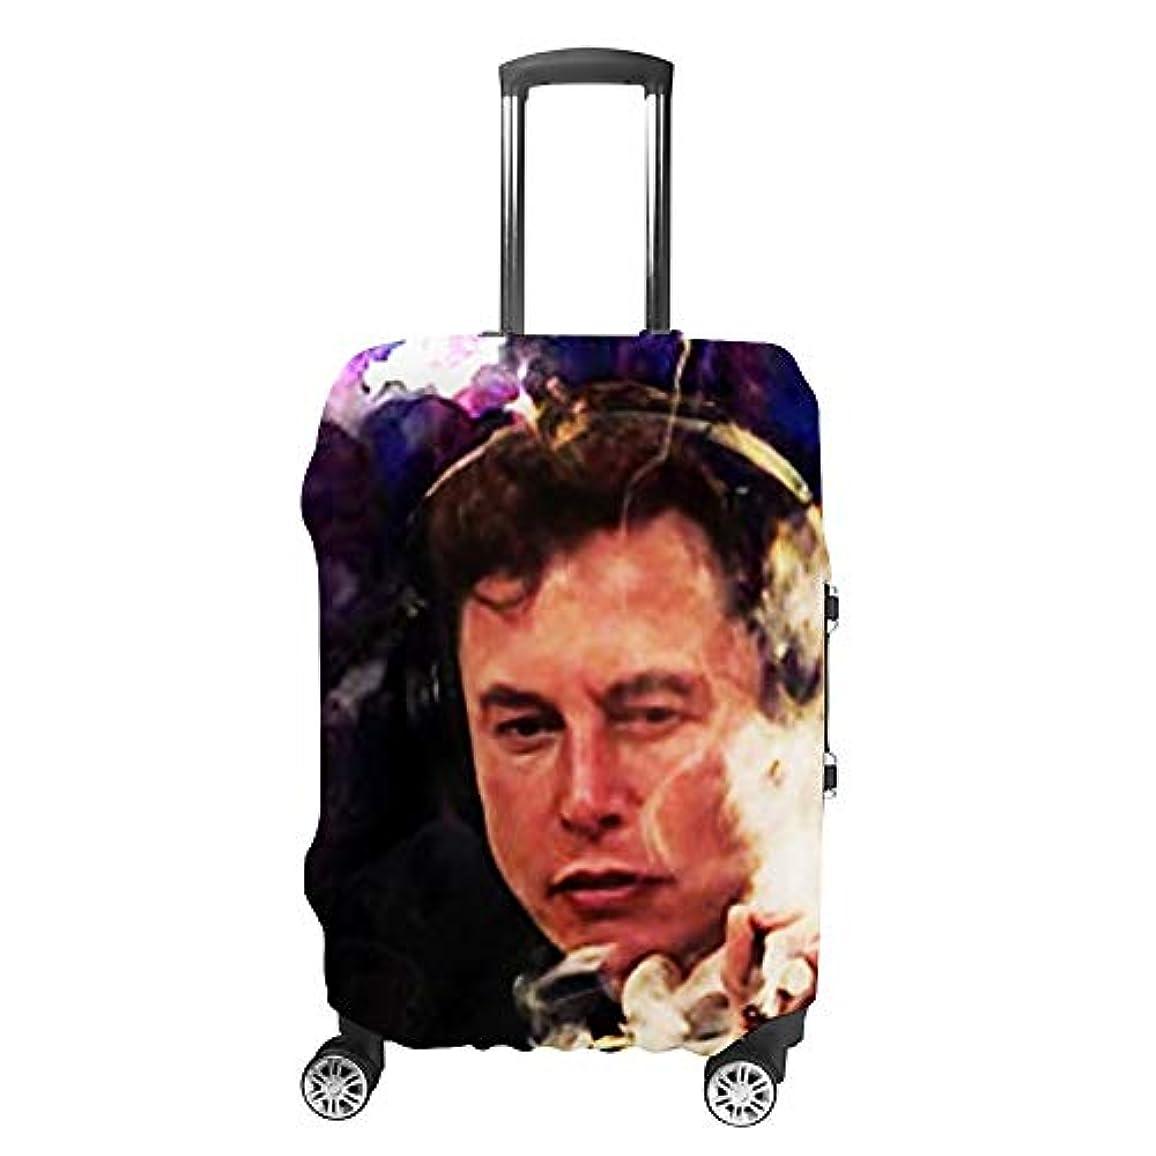 縁石フライカイトシチリアElon Musk ファッション旅行荷物カバースーツケース荷物プロテクター旅行カバー男性用女性用